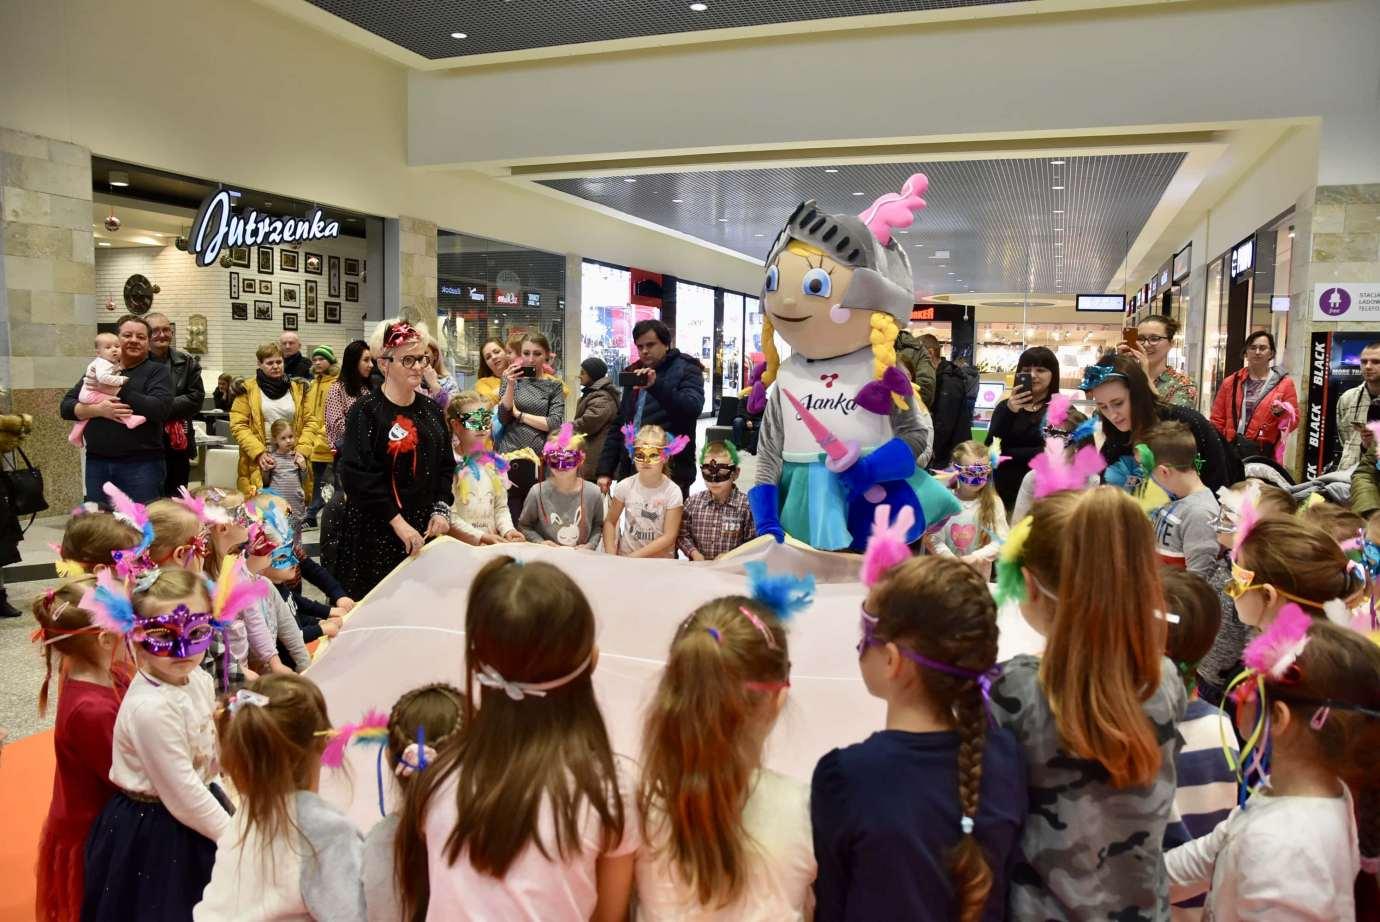 dsc 3993 Zabawa kreatywnych dzieciaków w Galerii Handlowej Twierdza (filmy i zdjęcia)